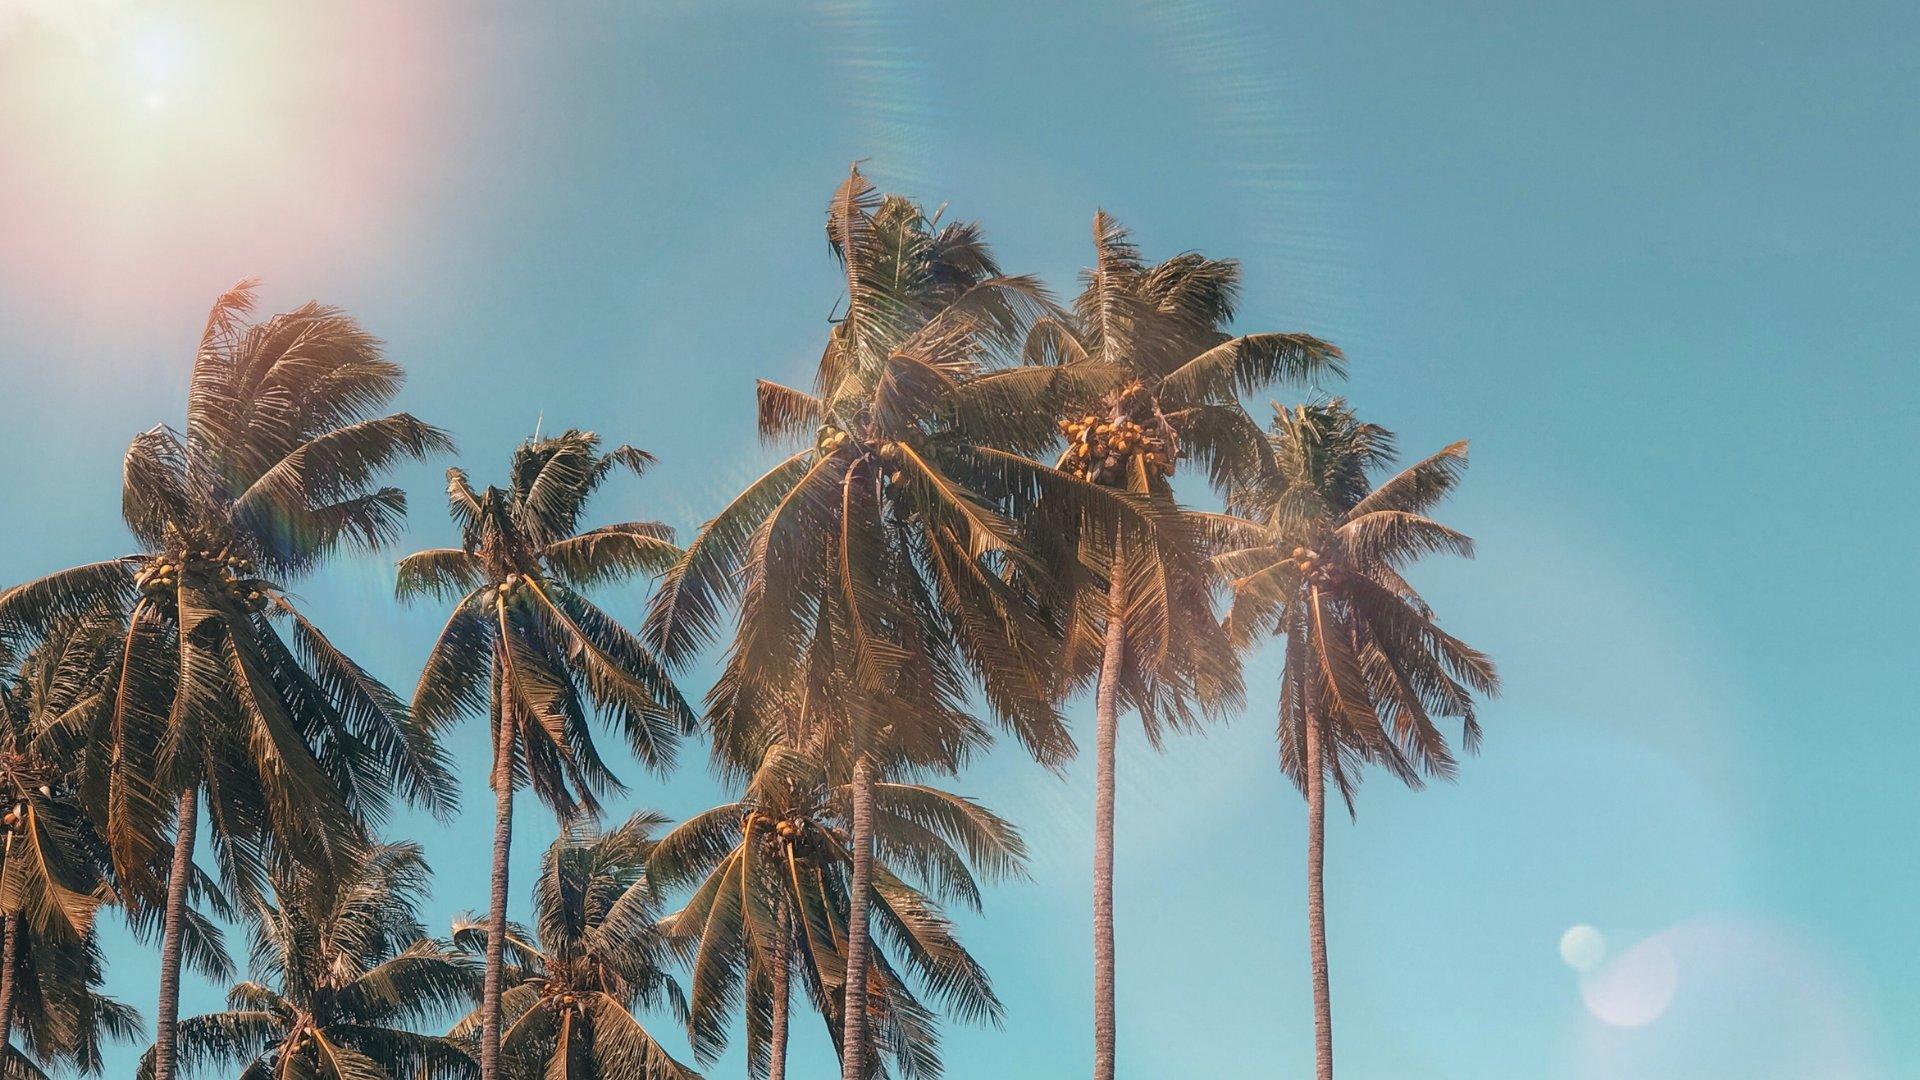 Foto de um céu azul ensolarado com coqueiros